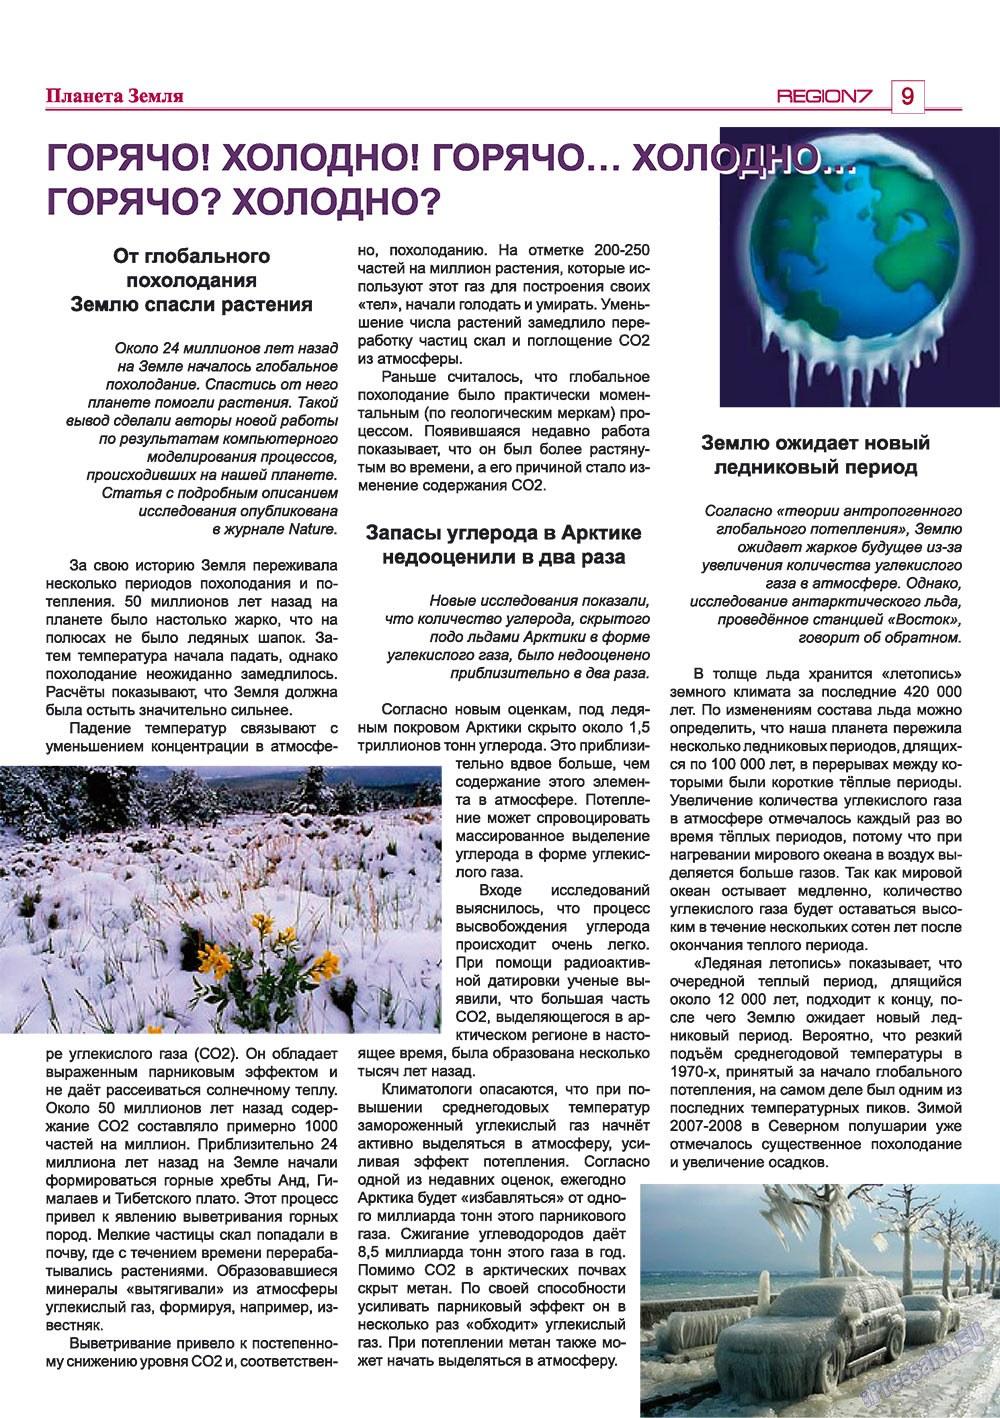 Регион (журнал). 2009 год, номер 4, стр. 9